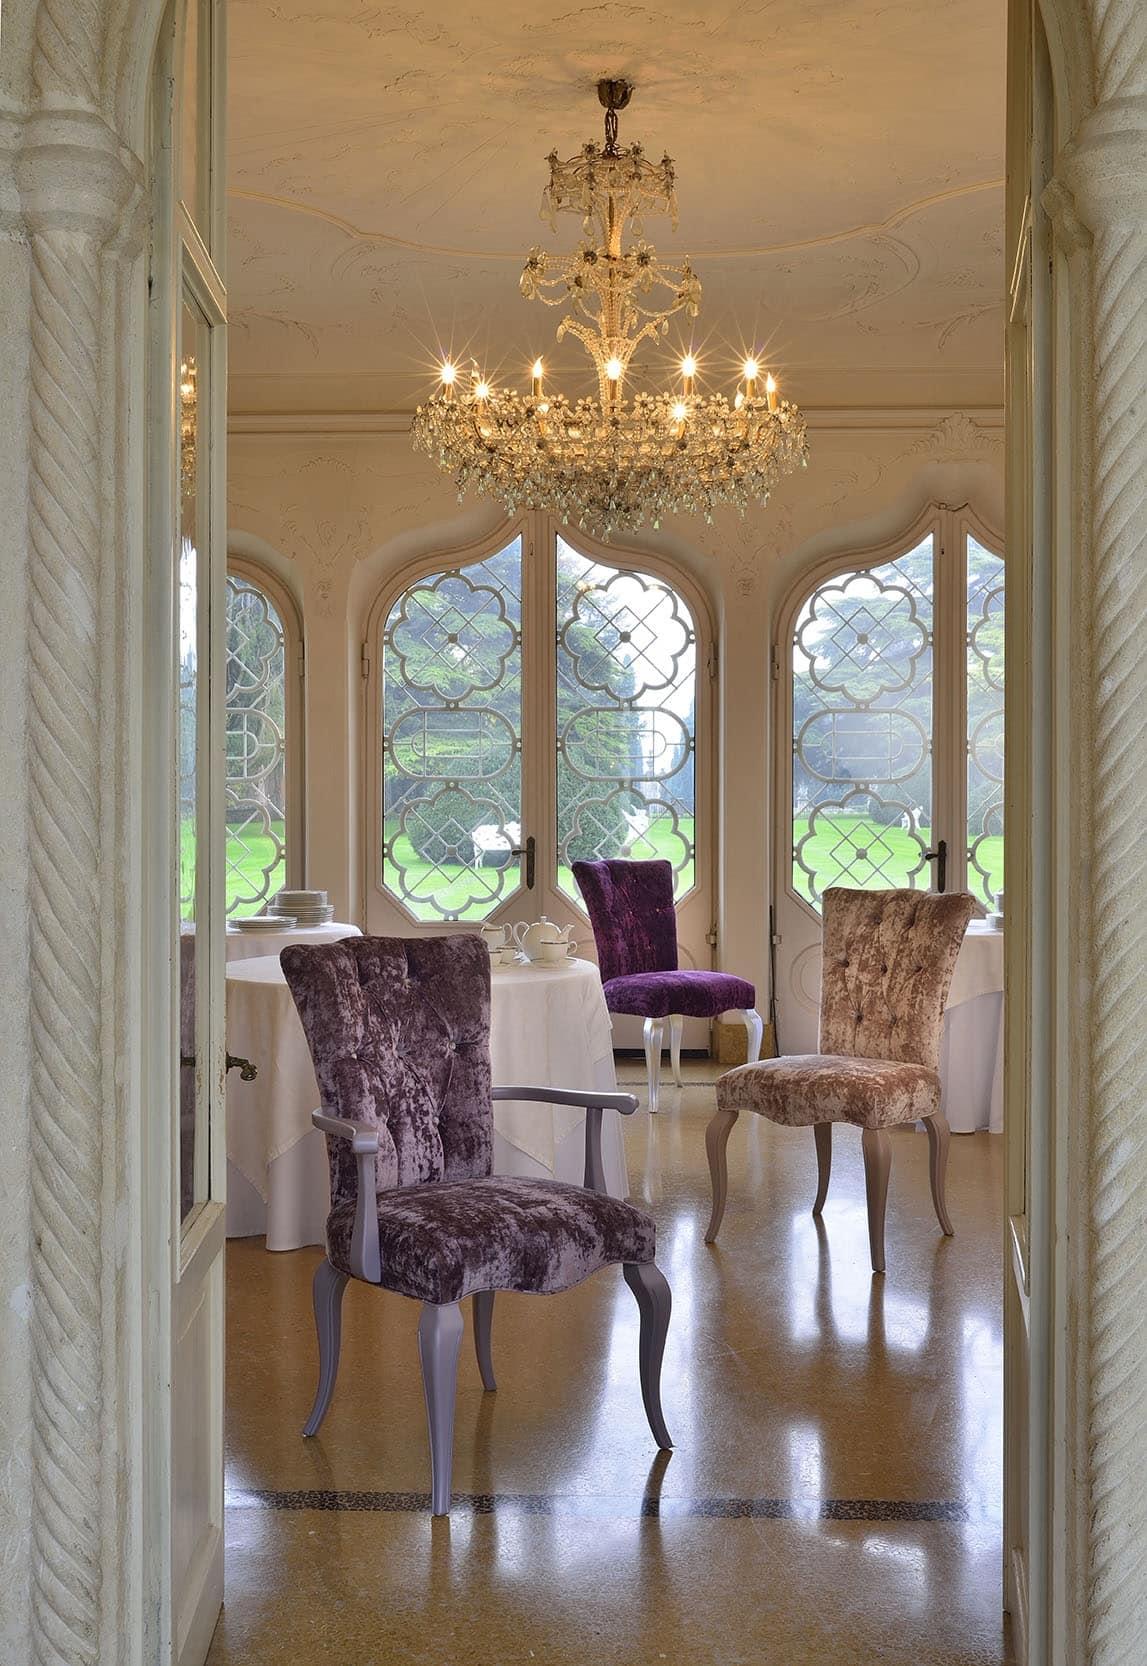 ROYAL poltroncina 8494A, Poltrona in stile classico di lusso con imbottitura capitonnè